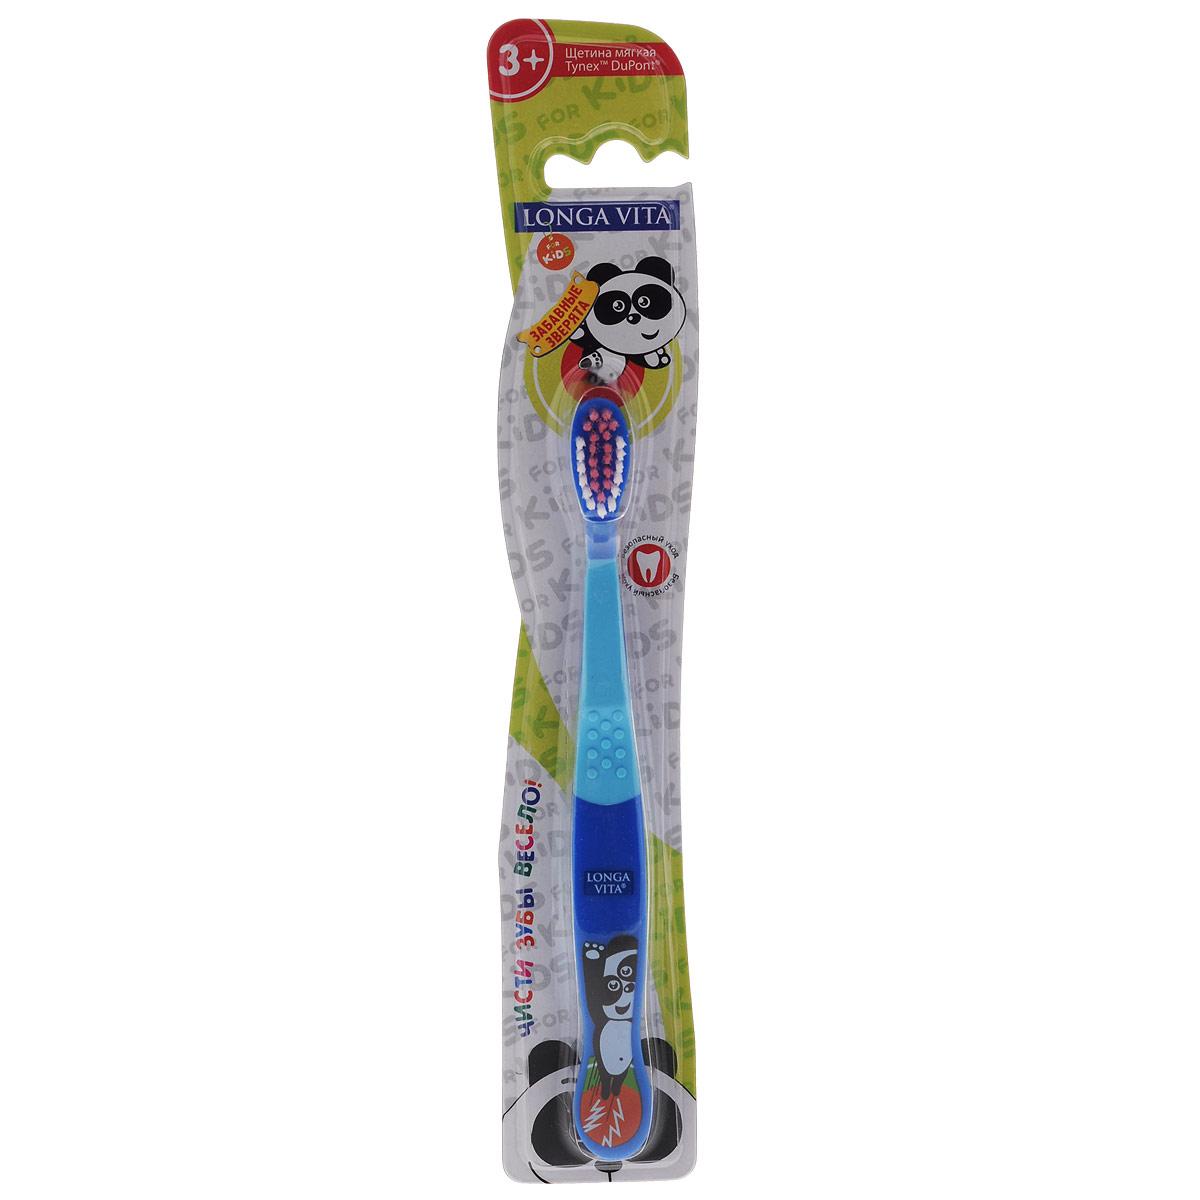 Детская зубная щетка Longa Vita Забавные зверята, цвет: синий, голубой115551 синийДетская зубная щетка Longa Vita Забавные зверята идеальна для детского ротика. Щетка имеет эргономичную ручку с противоскользящей поверхностью, небольшую чистящую головку, цветовое поле мягкой щетины для оптимального дозирования пасты. Щетка оформлена изображением панды.Уважаемые клиенты!Обращаем ваше внимание на возможные изменения в дизайне, связанные с ассортиментом продукции. Поставка осуществляется в зависимости от наличия на складе.